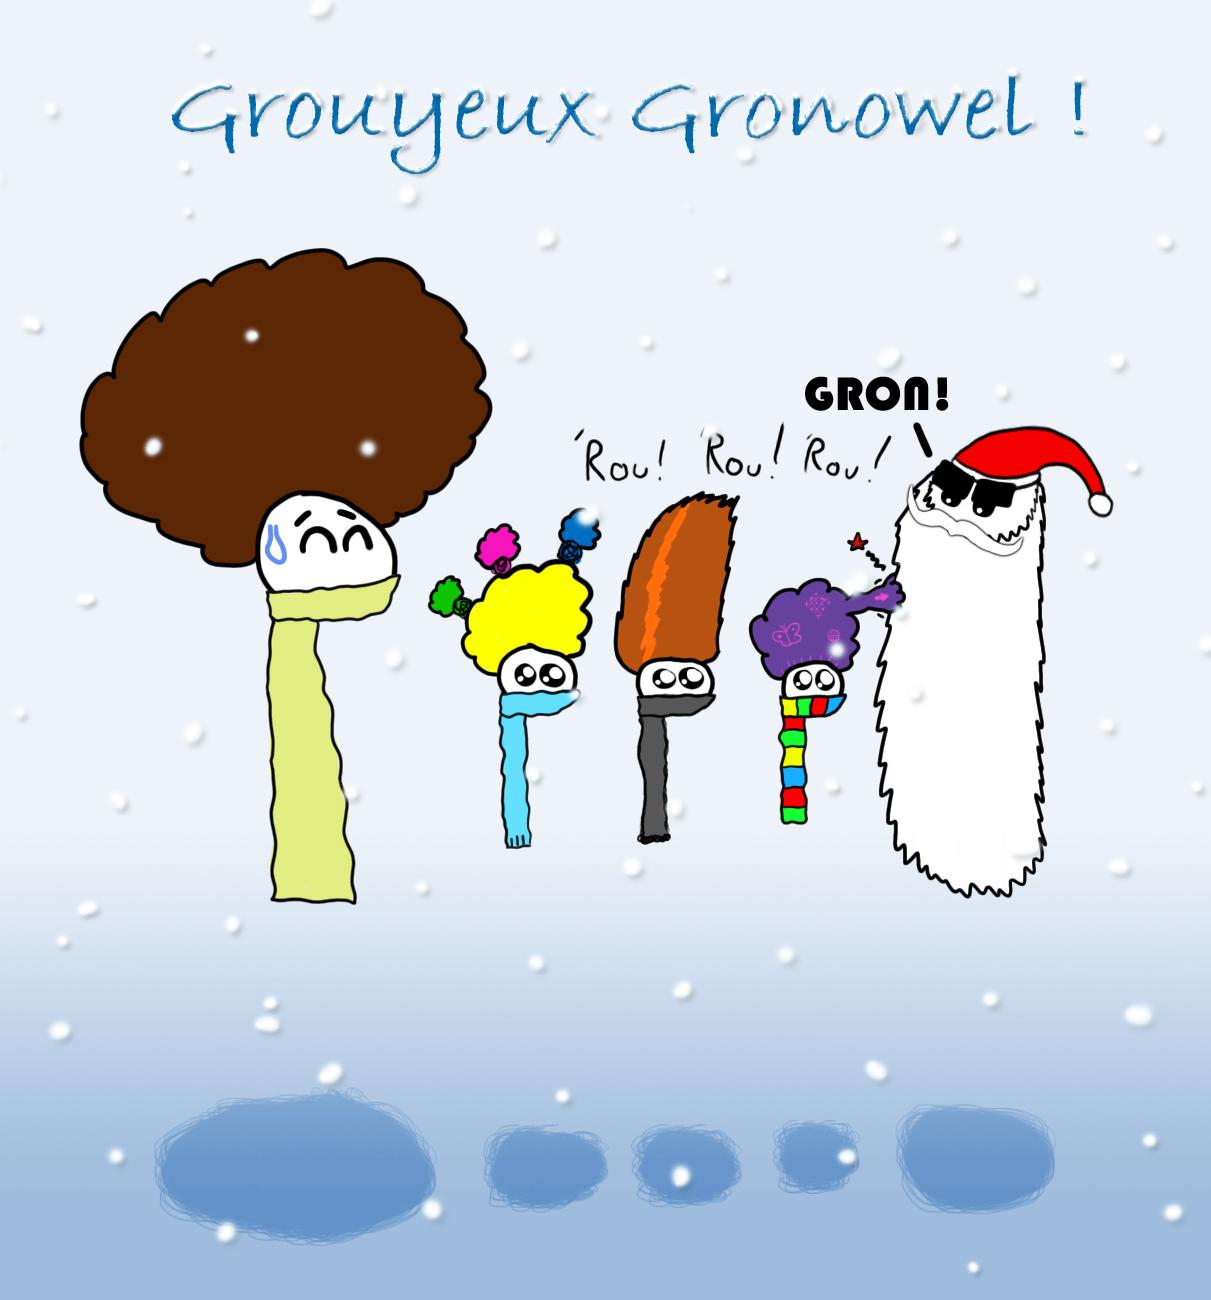 grouyeyx_gronowel